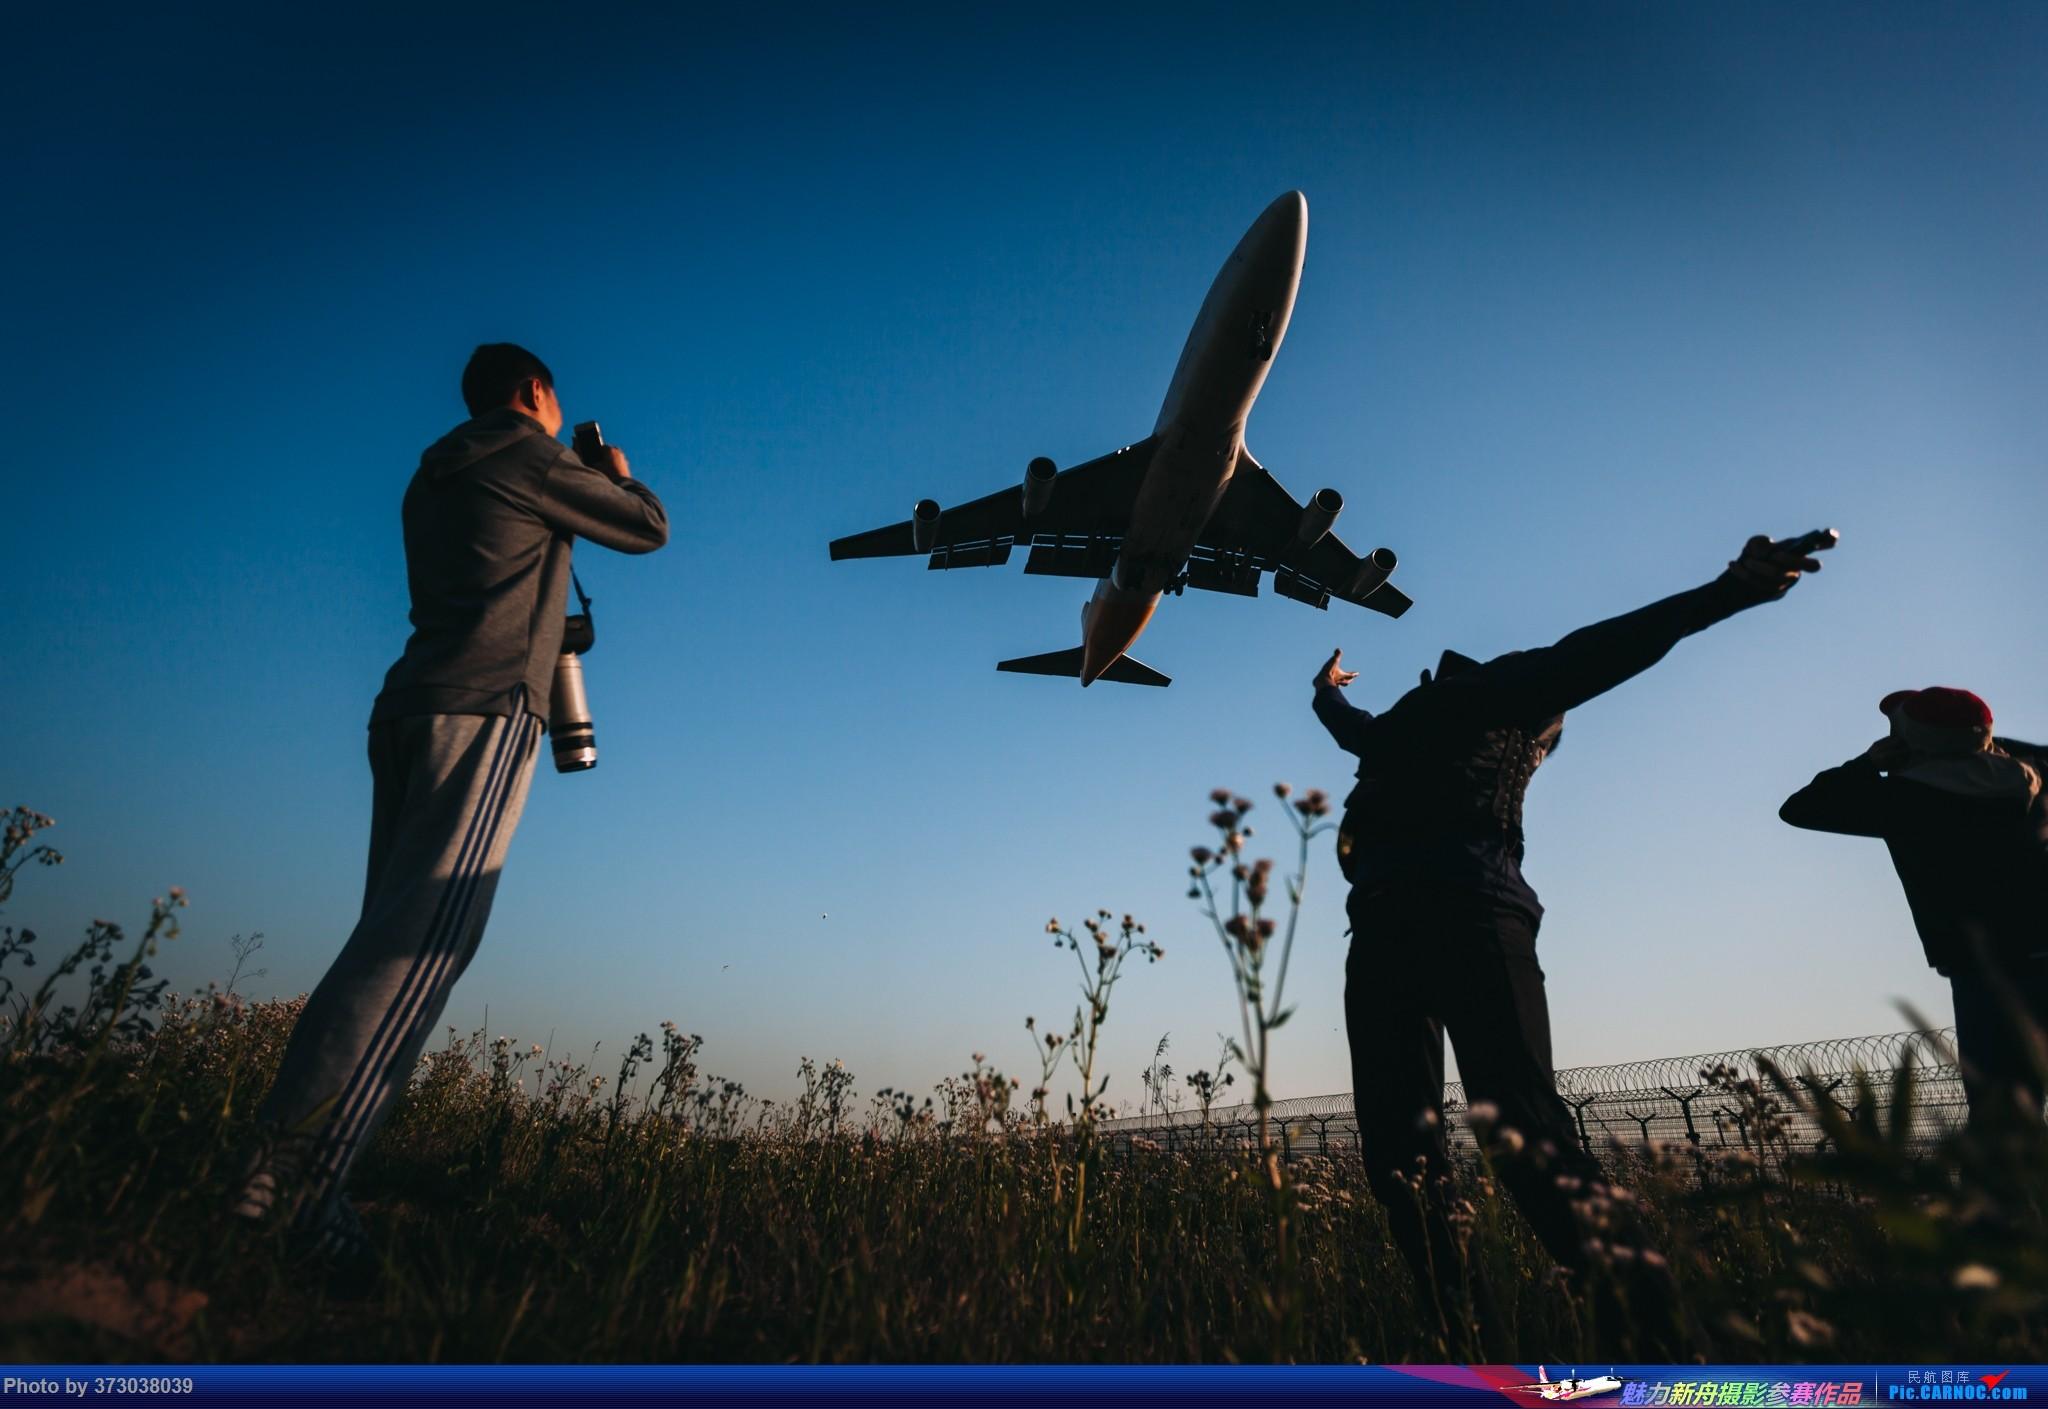 [原创]晨光女皇,一图致敬 波音747首飞50周年     飞友